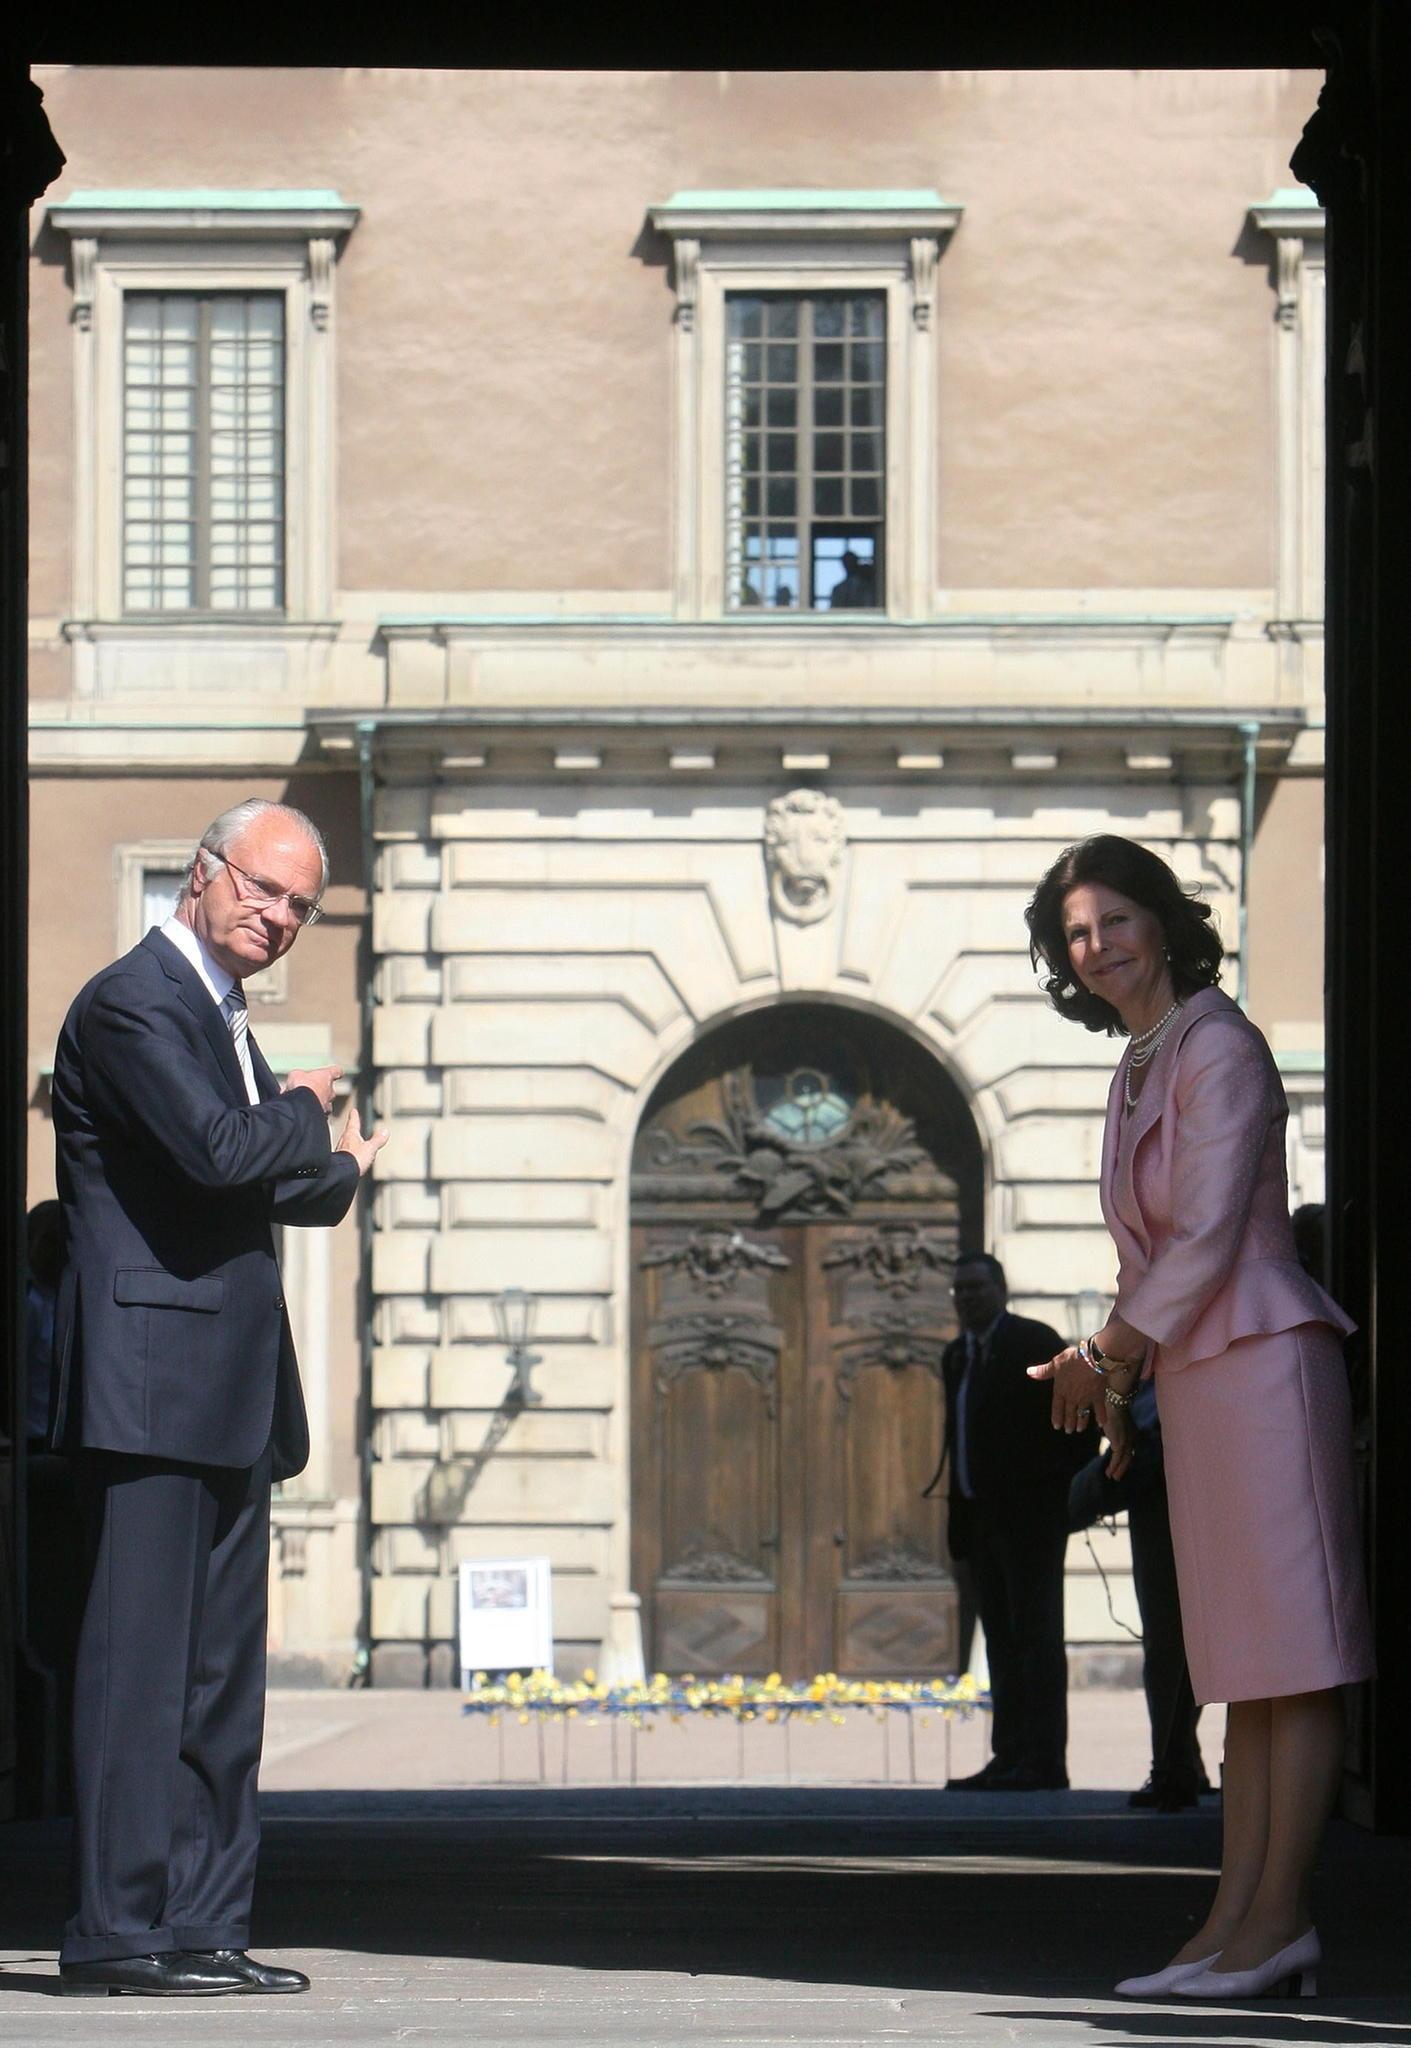 König Carl Gustav und Königin Silvia öffnen ihre Schlosstore und laden die Bevölkerung zu einem Besuch der königlichen Immobilie ein.